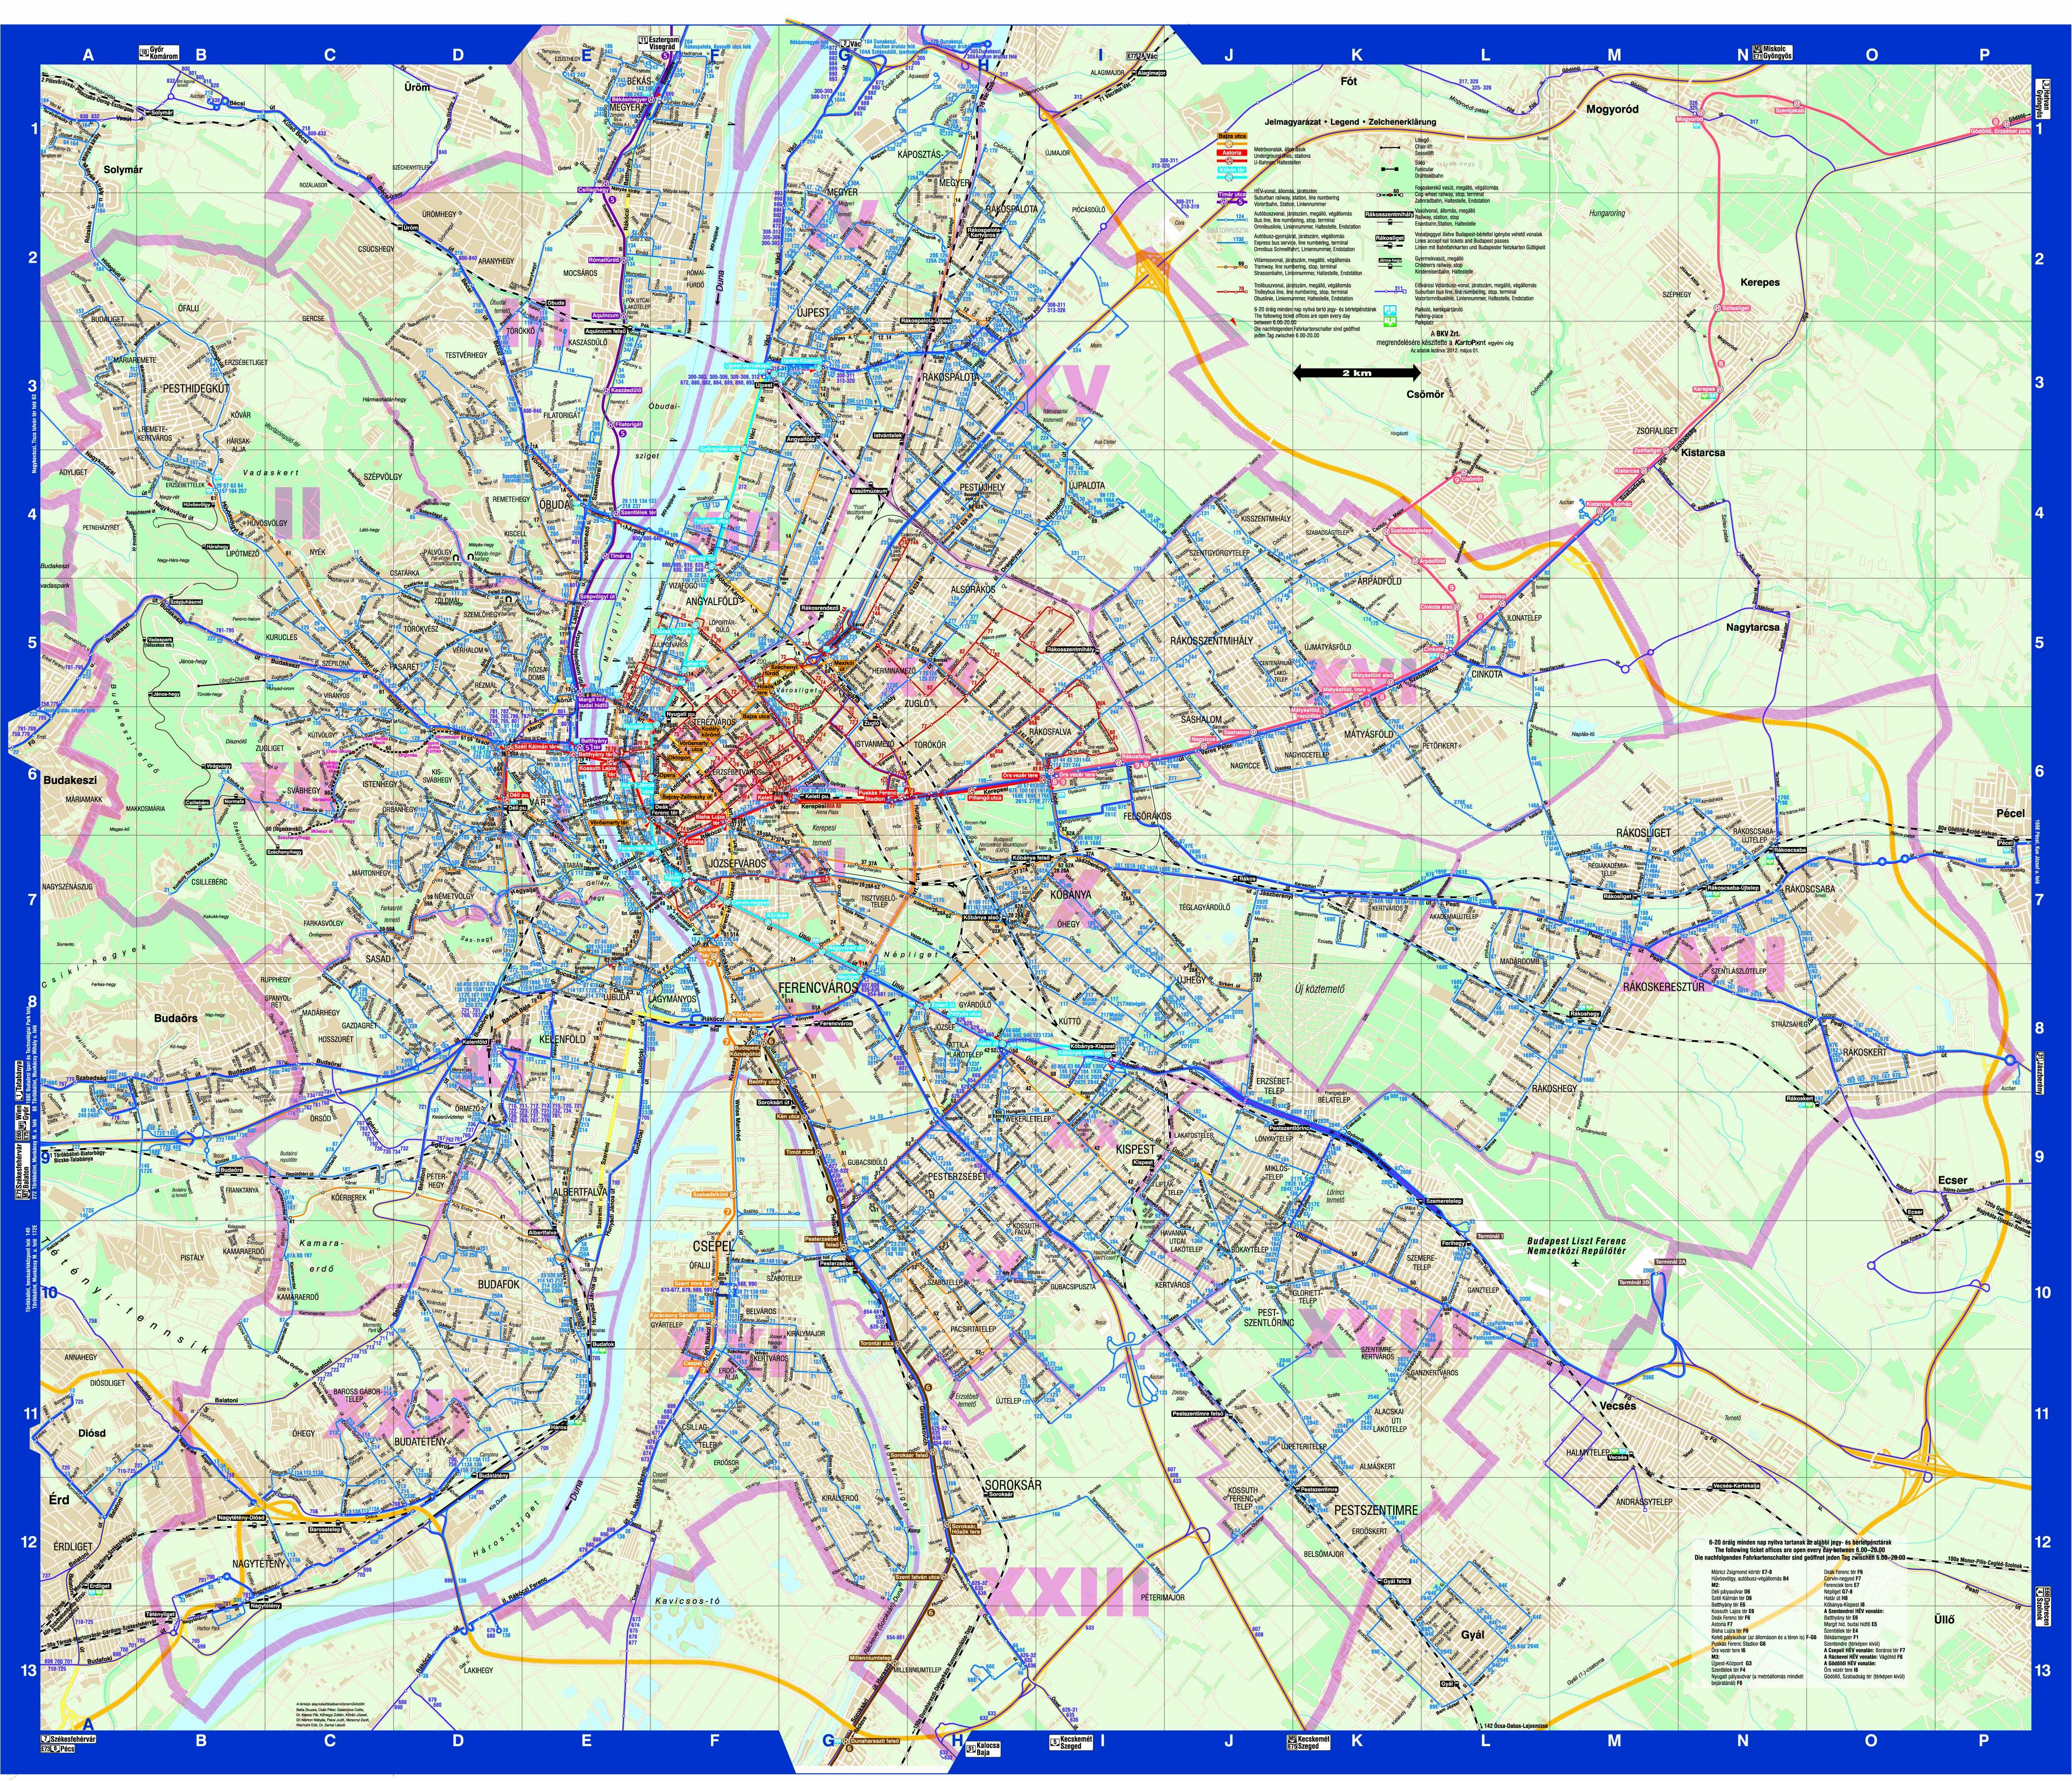 budapest térkép metróvonalak Agocs Robert_Diplomamunka1 budapest térkép metróvonalak